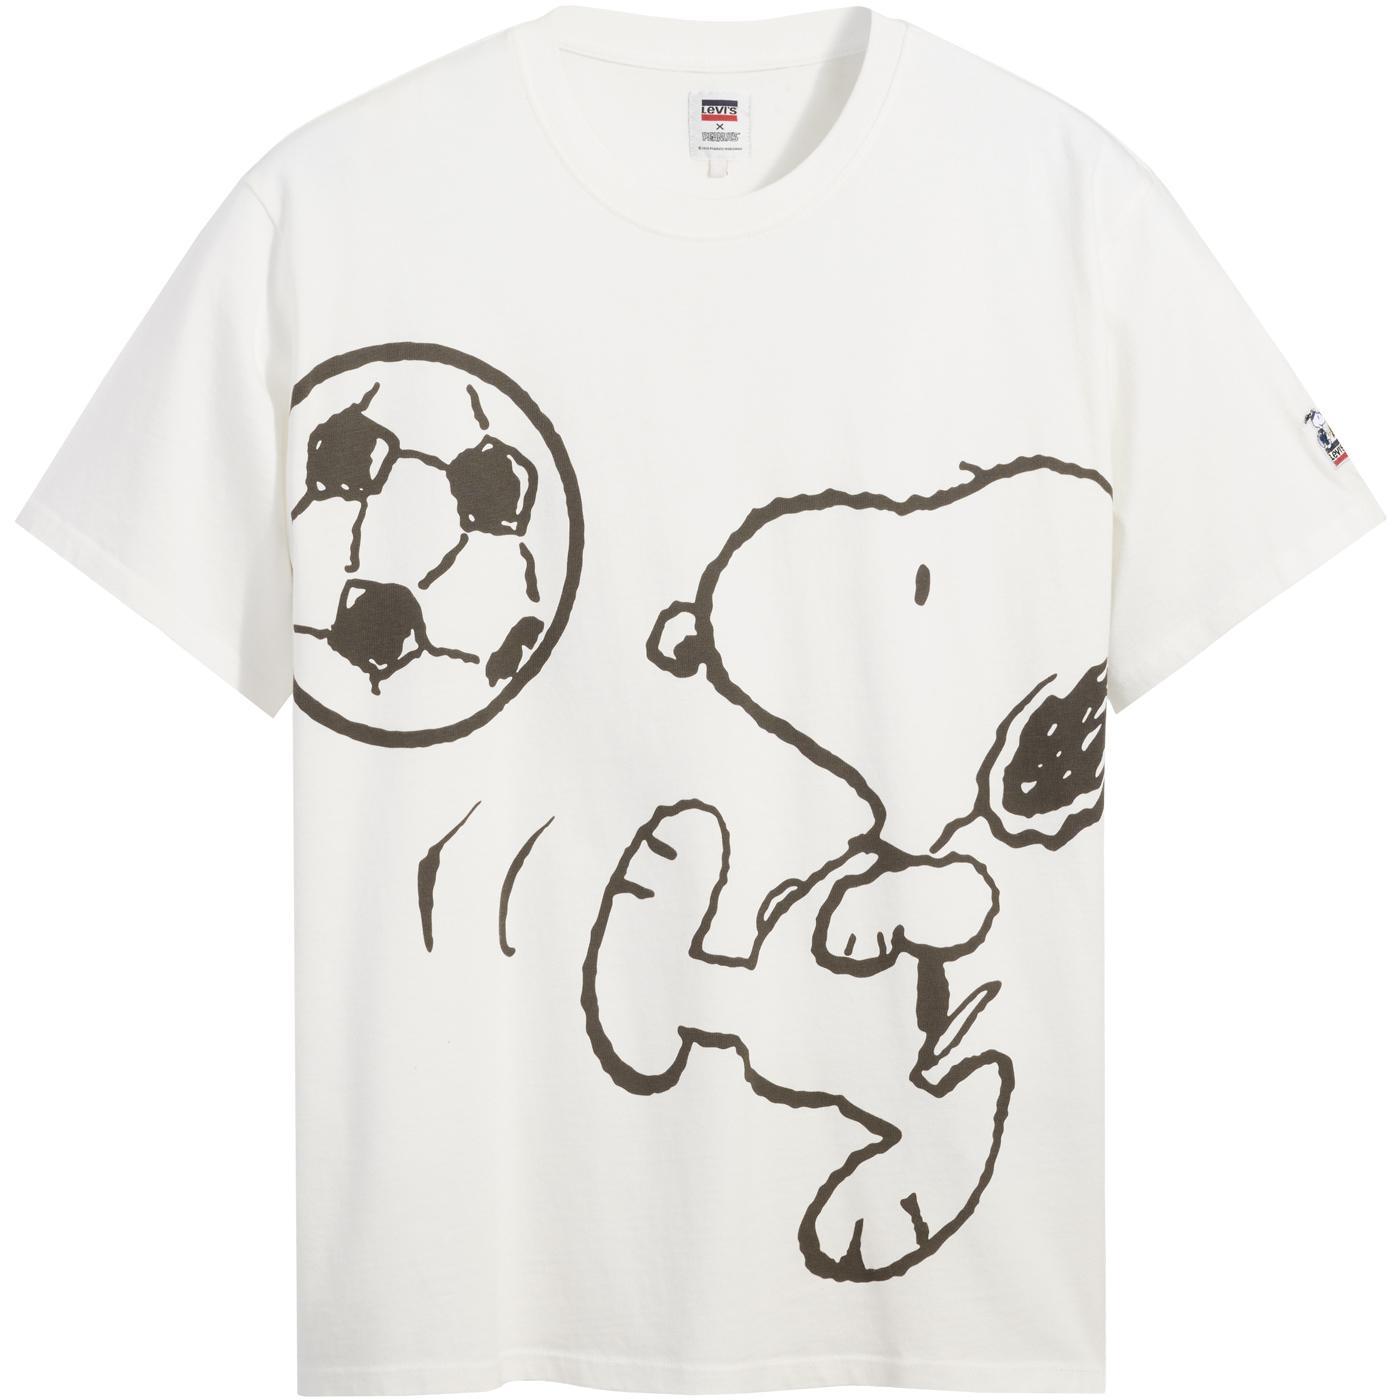 LEVI'S x PEANUTS Snoopy Football Retro Relaxed Tee